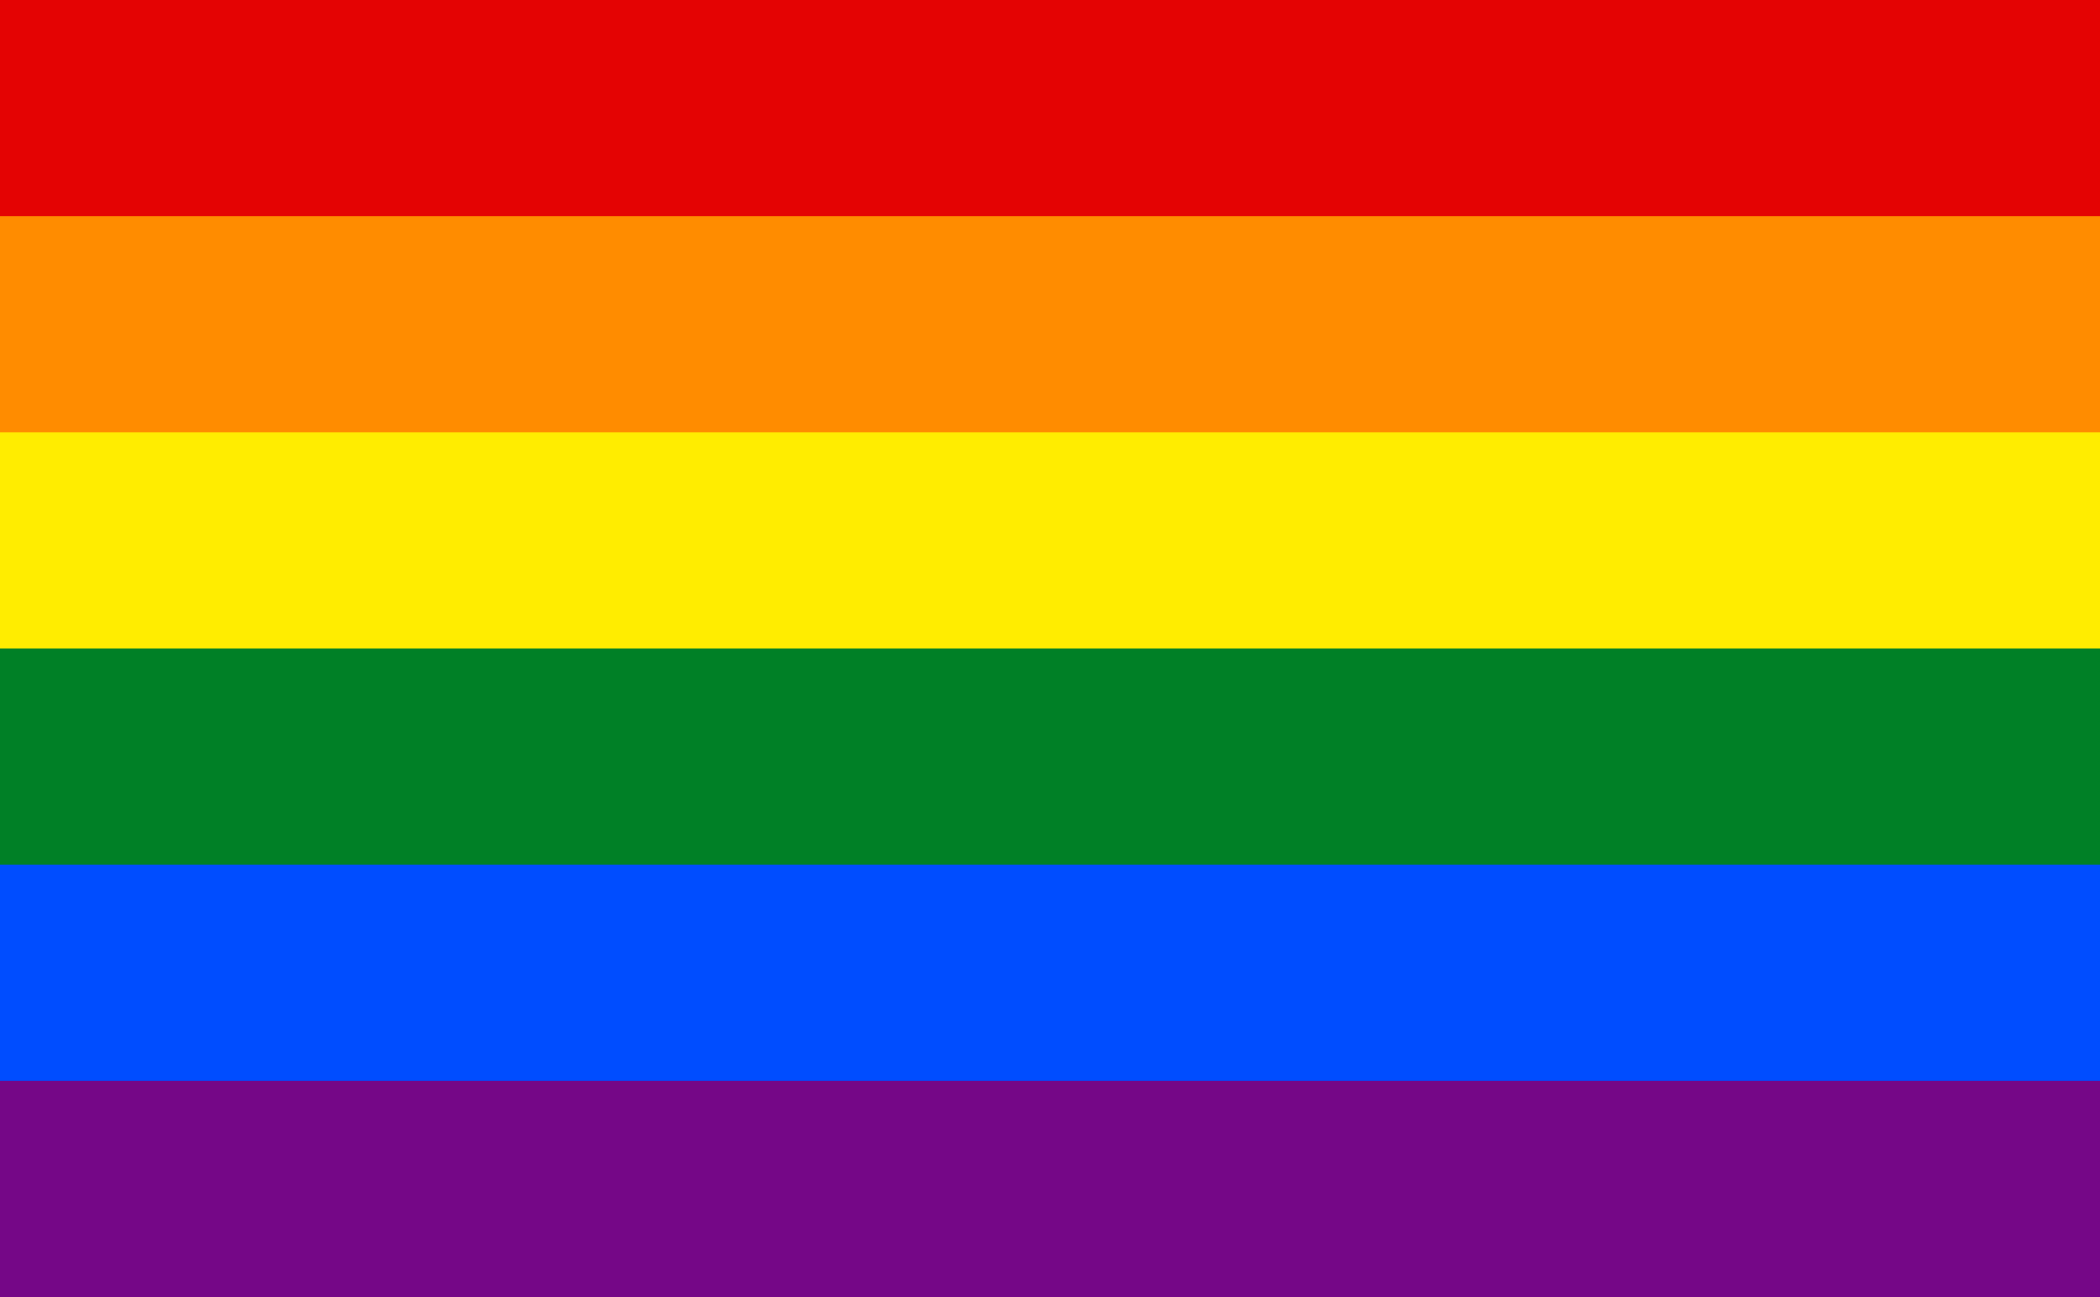 Bandeira LGBT, Gay.